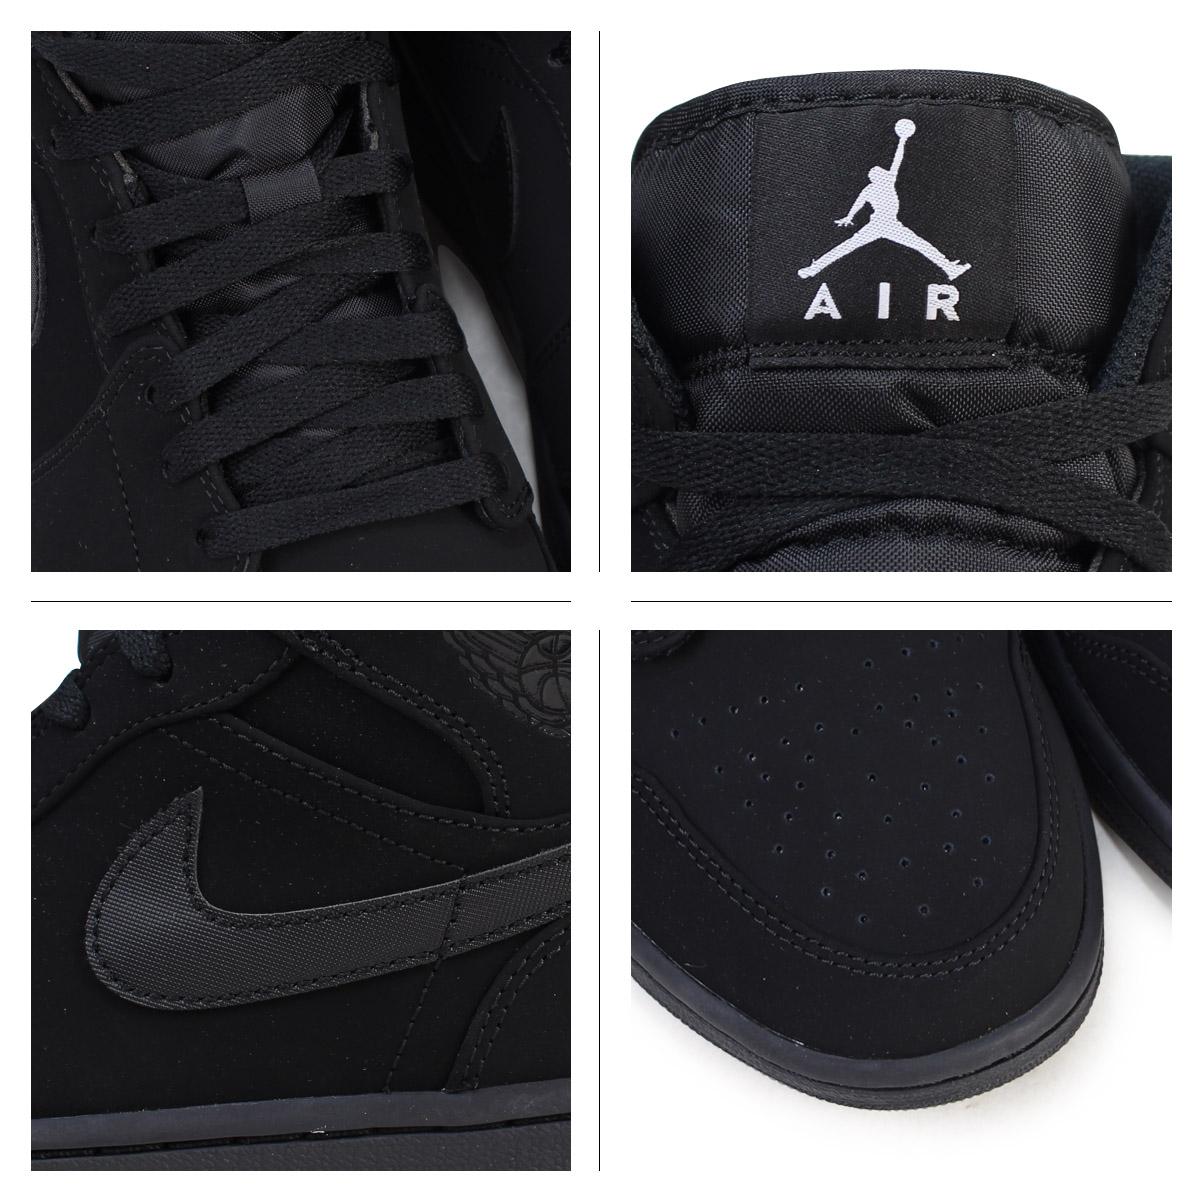 Nike Air Jordan 1 Para El Mercado Medio En Blanco Y Negro ydHUwK